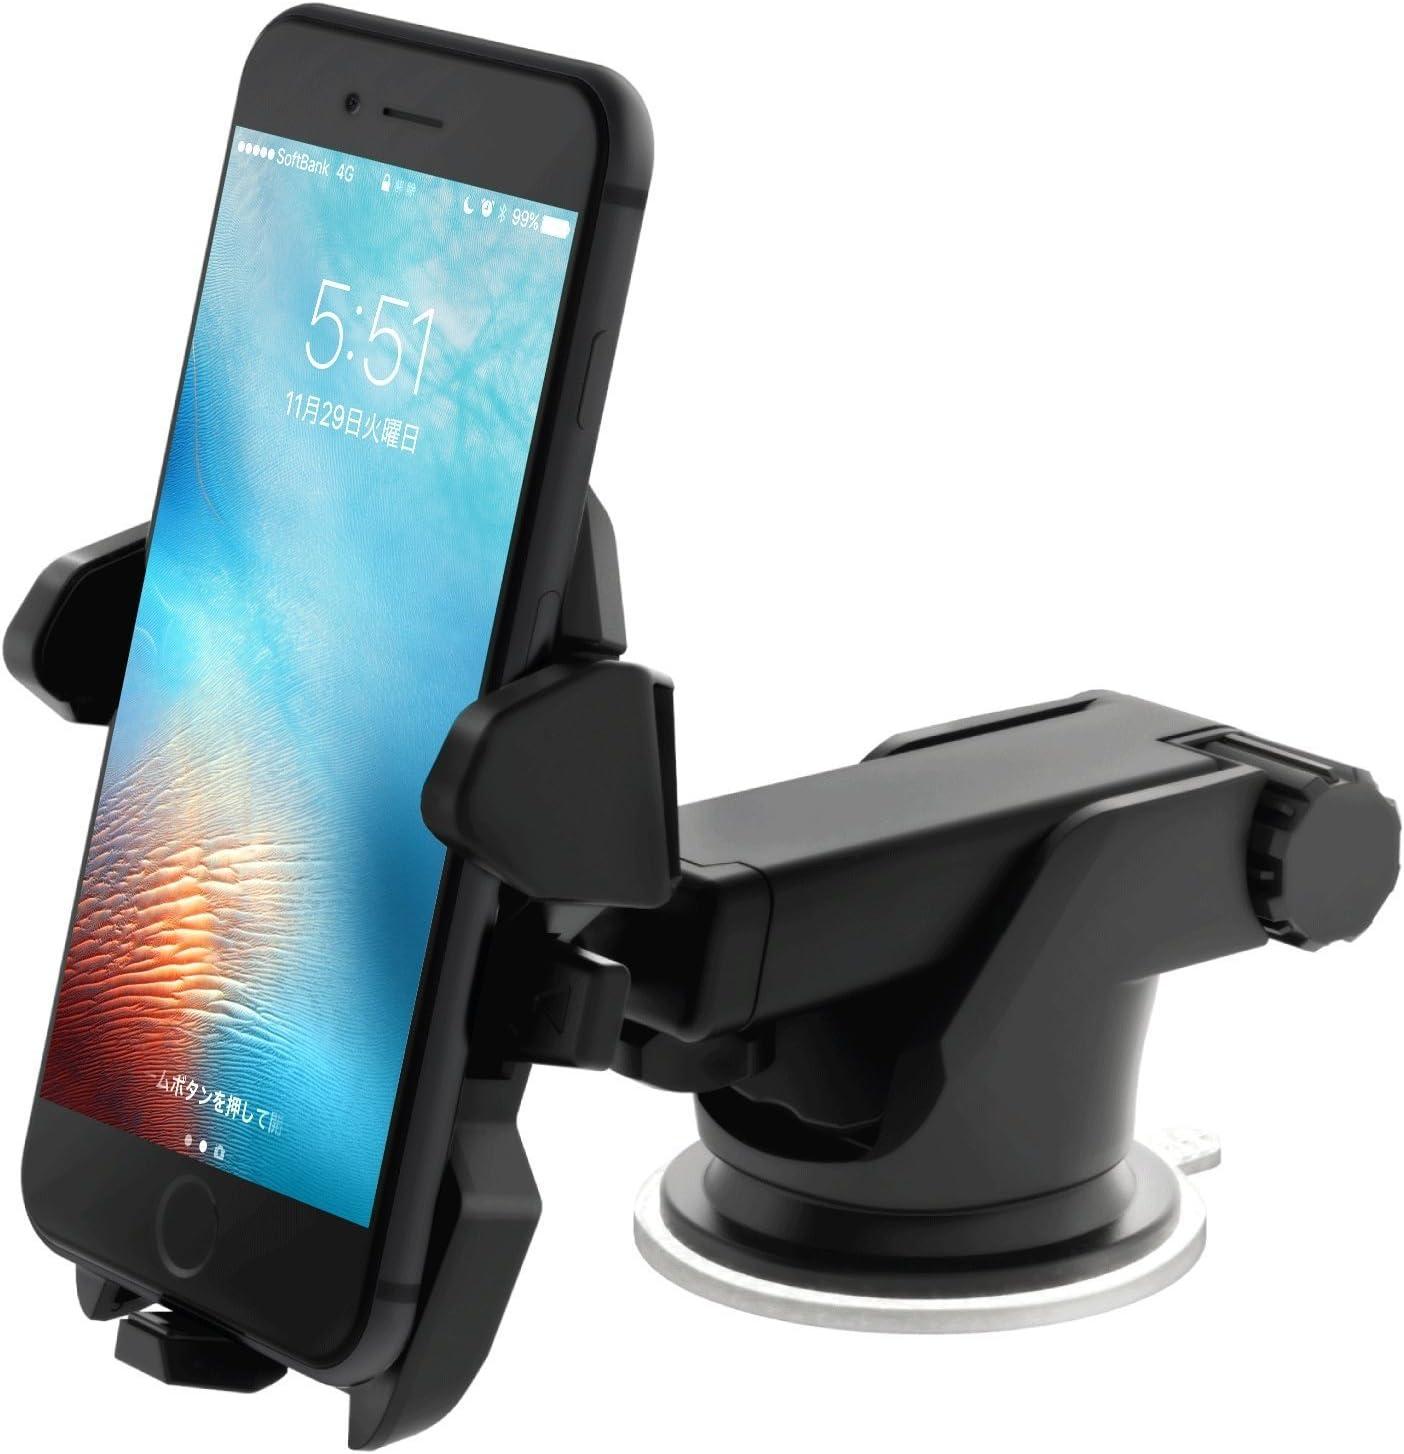 favorite Smart tap SmartTap vehicle holder type sucker smartphone a Louisville-Jefferson County Mall gel